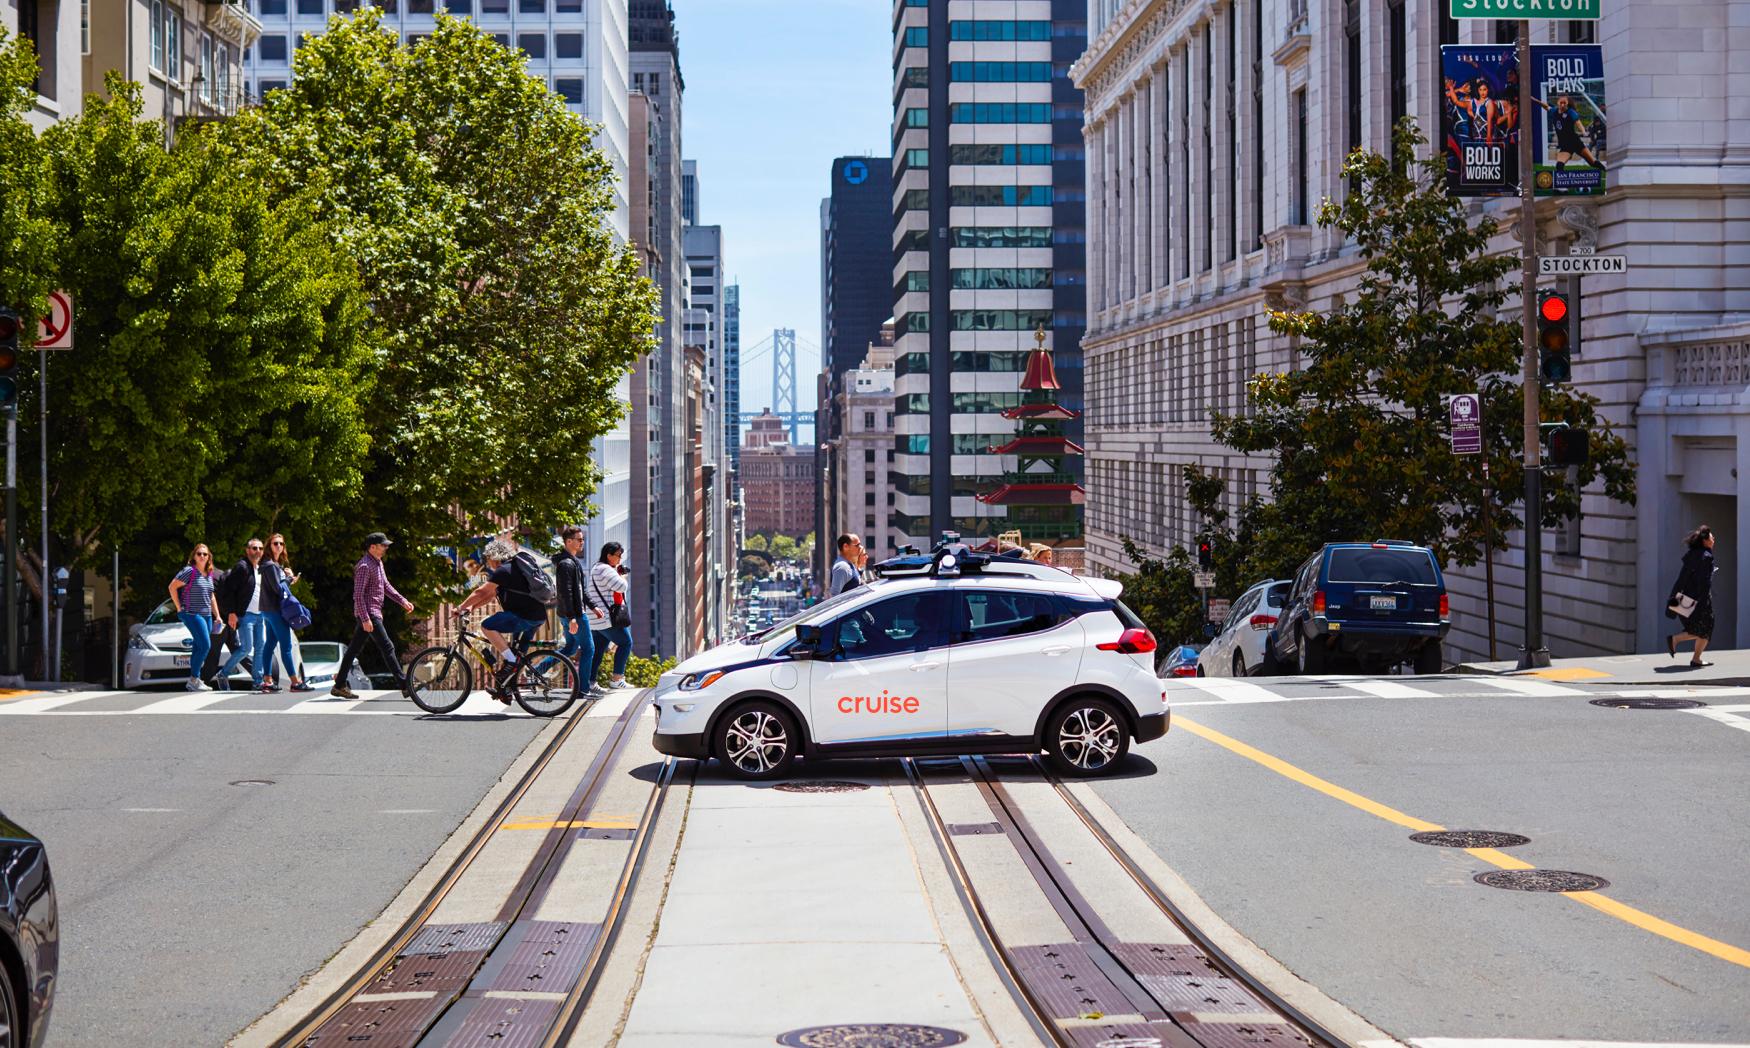 Carro da Cruise durante teste em São Francisco (fonte: Cruise/divulgação)